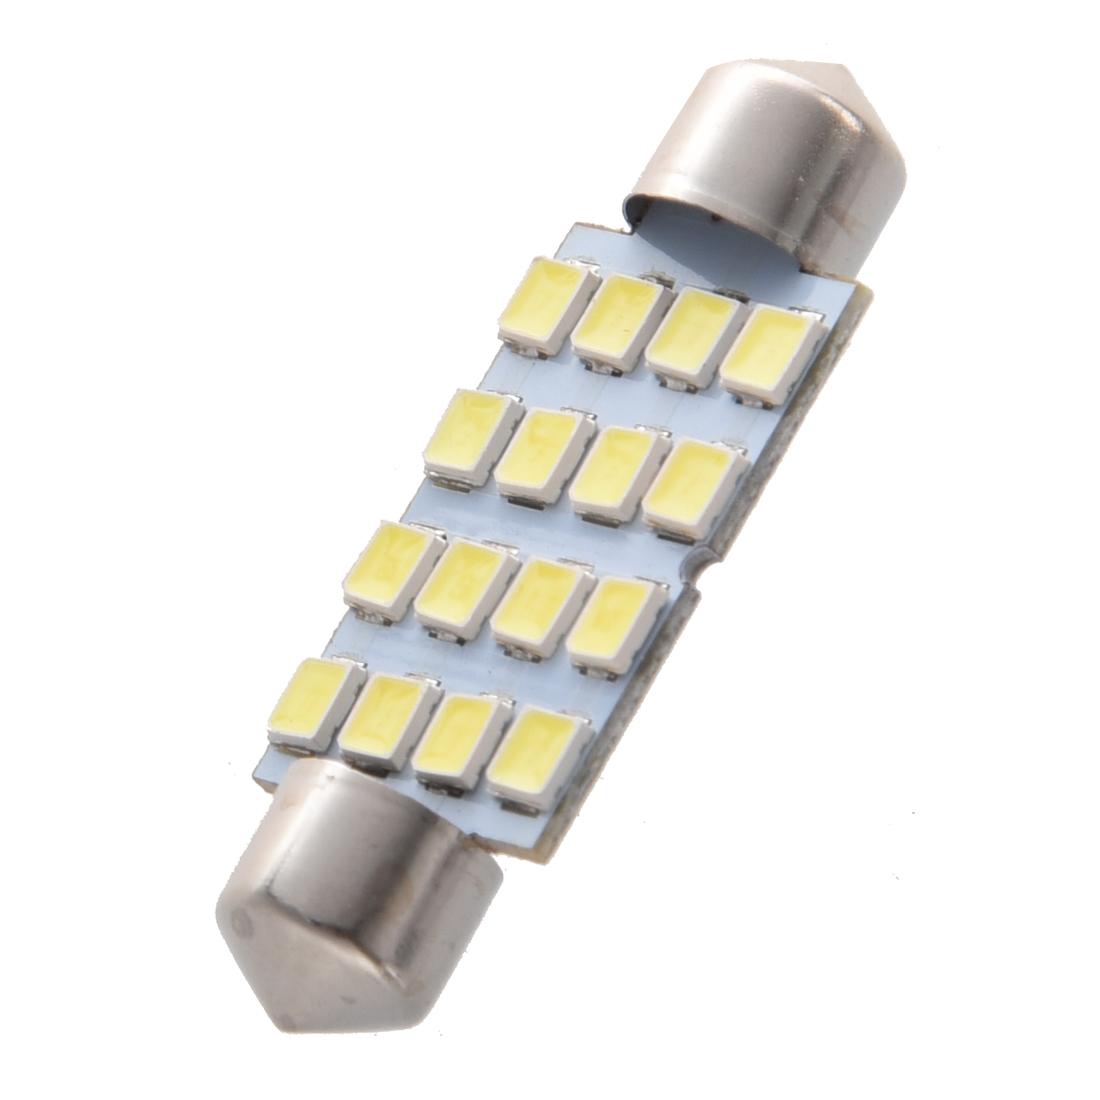 SODIAL 4 pzs 42mm 16 SMD LED Blanco Bombilla Luz Interior de feston de cupula de coche LED bombillas R